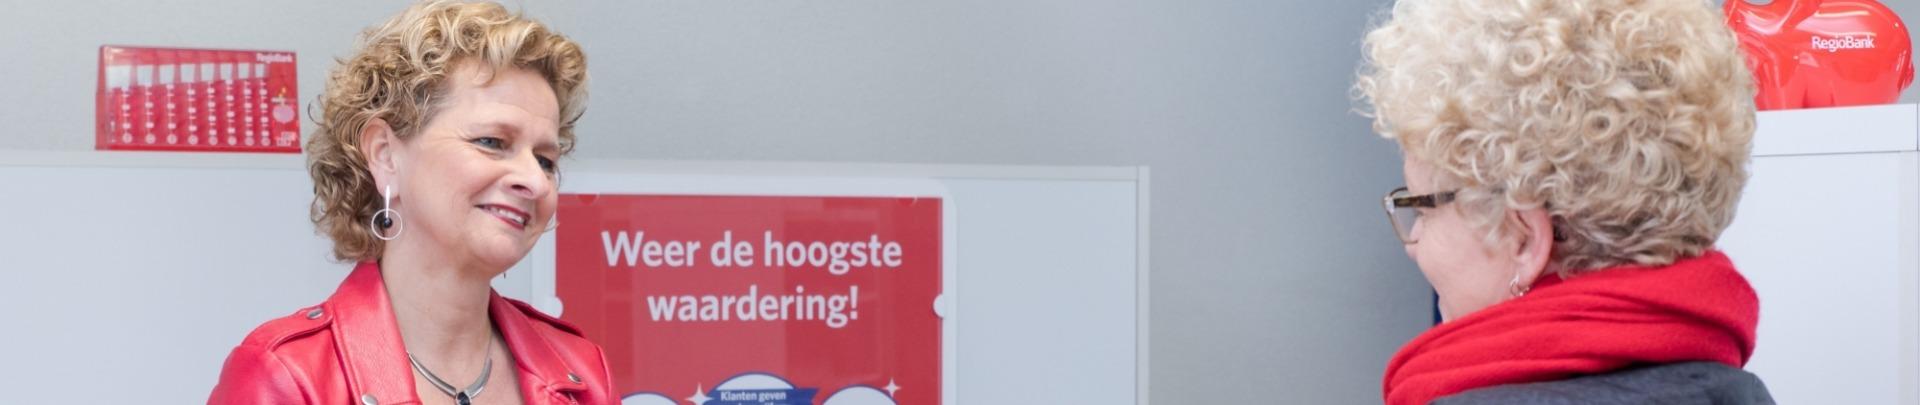 Slomp & De Graaf - RegioBank